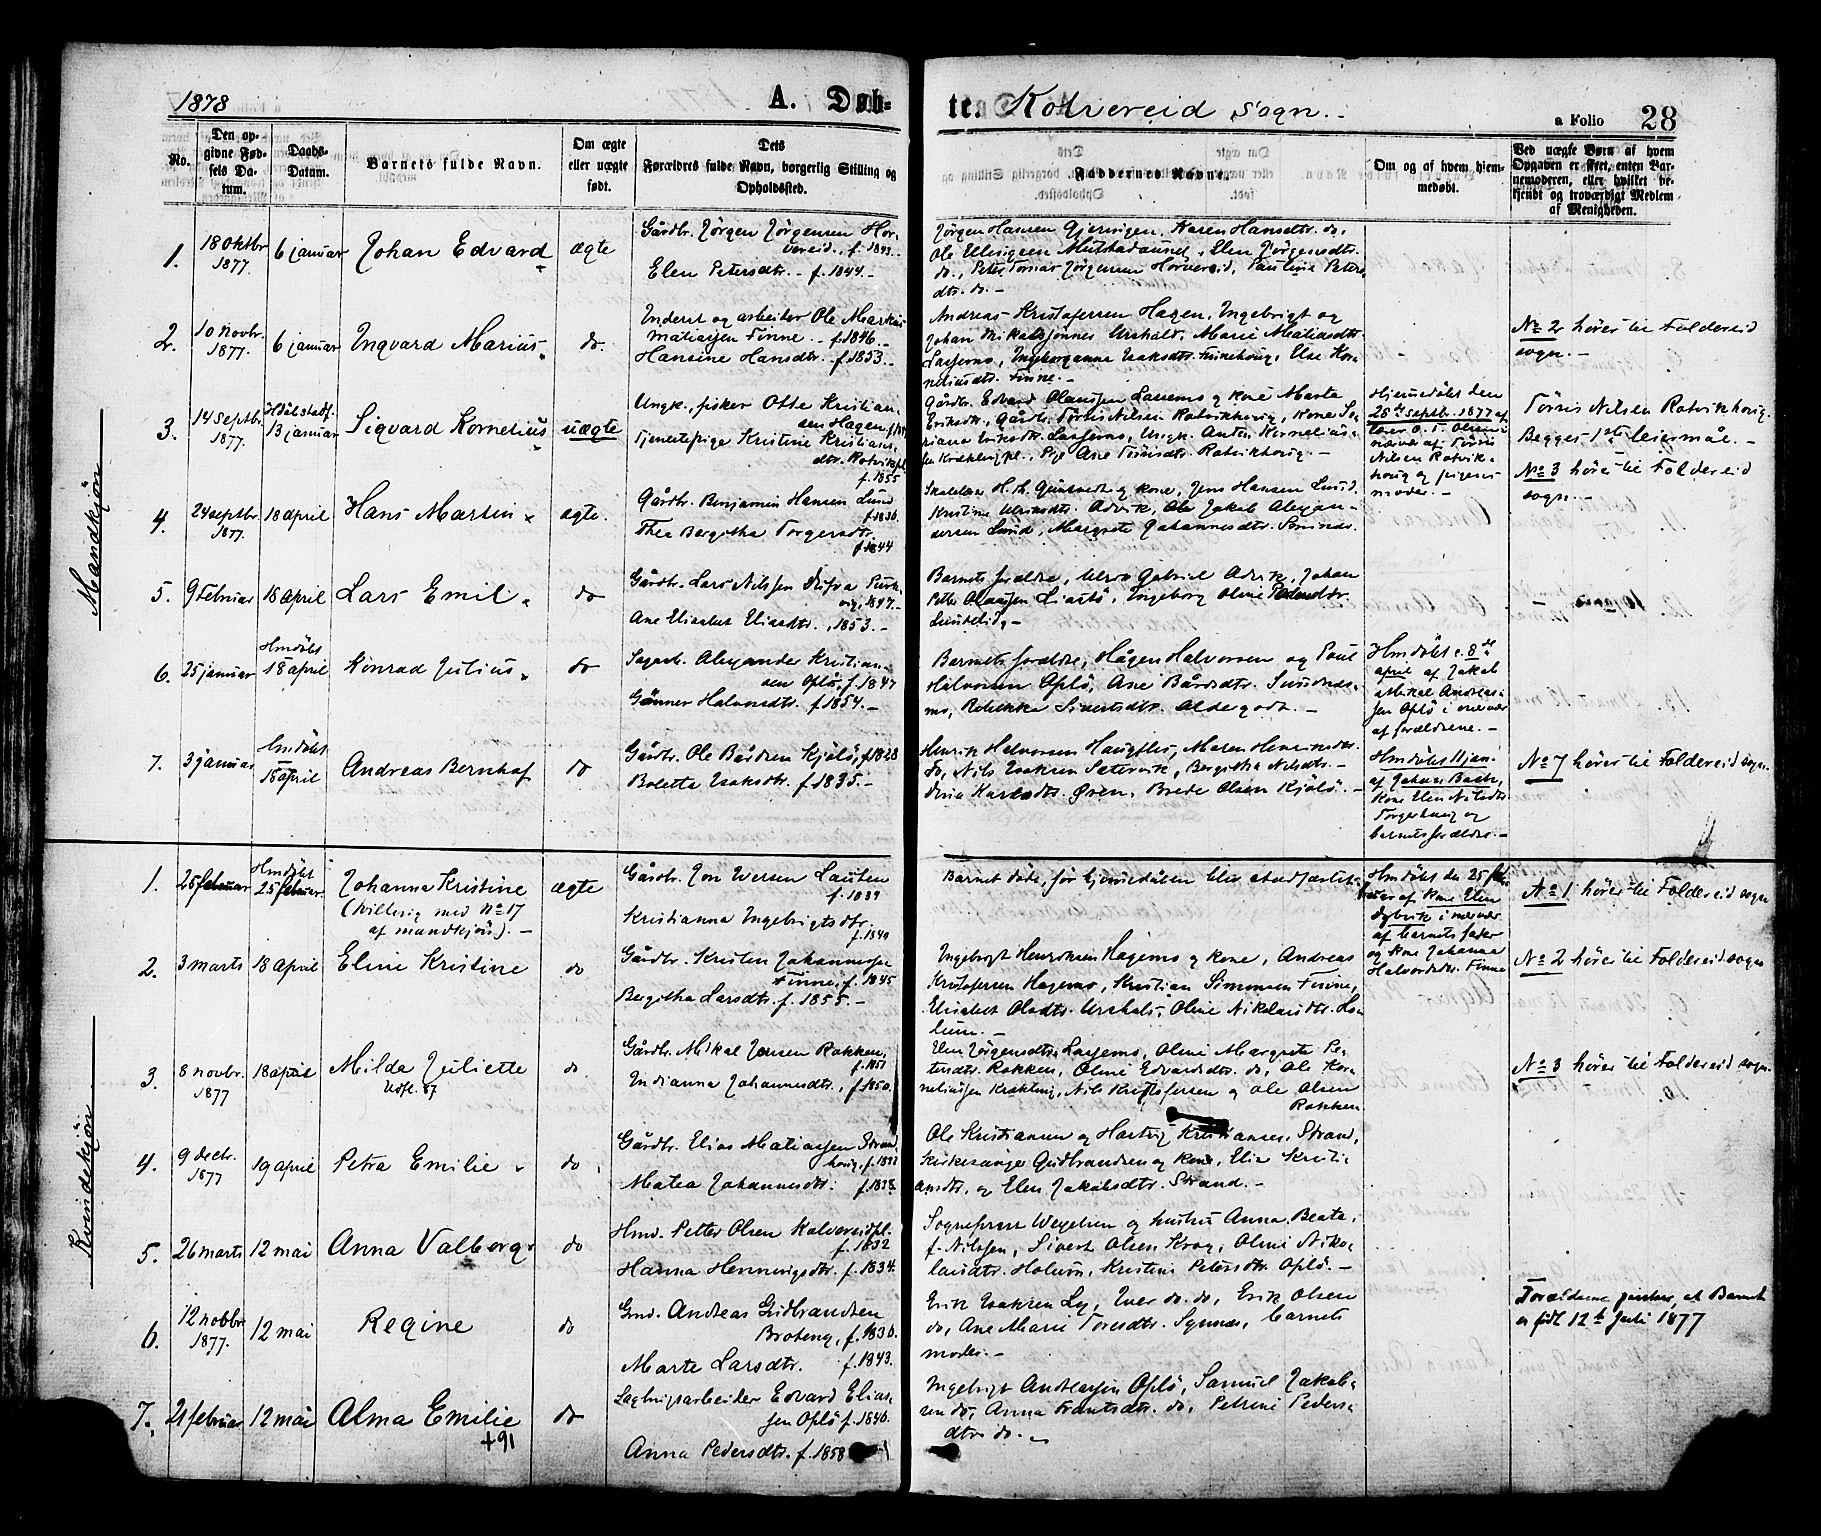 SAT, Ministerialprotokoller, klokkerbøker og fødselsregistre - Nord-Trøndelag, 780/L0642: Ministerialbok nr. 780A07 /1, 1874-1885, s. 28